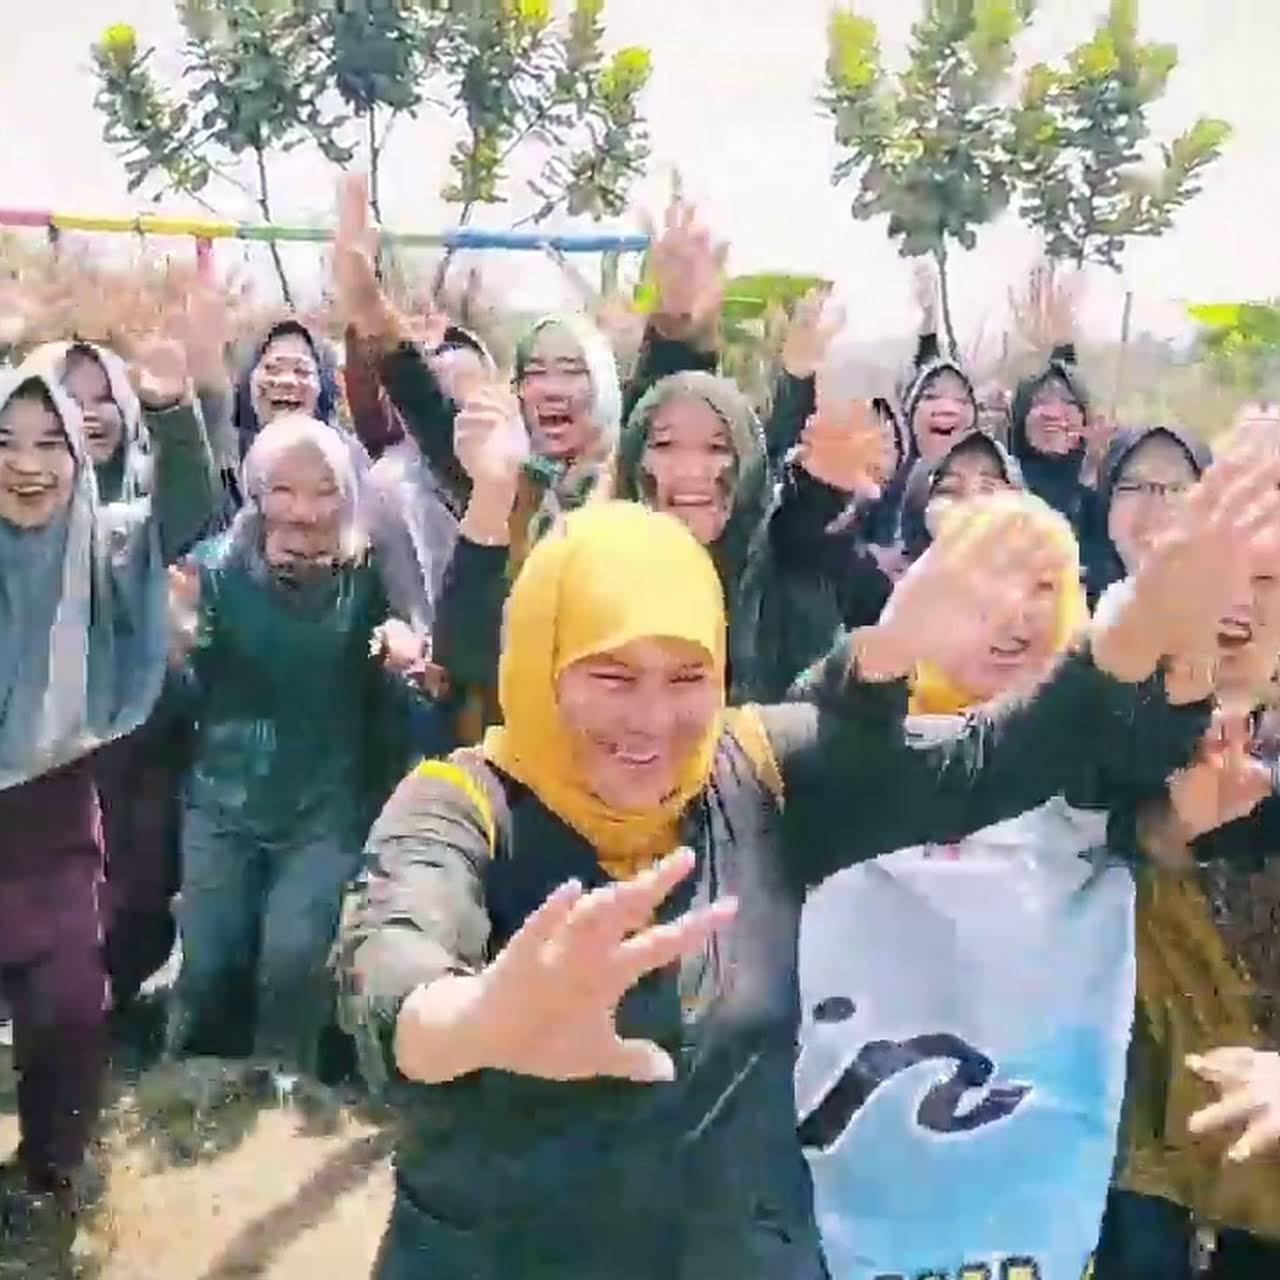 Wahana Edukasi Sukahaji Waterboom Wahana Edukasi & Rekreasi